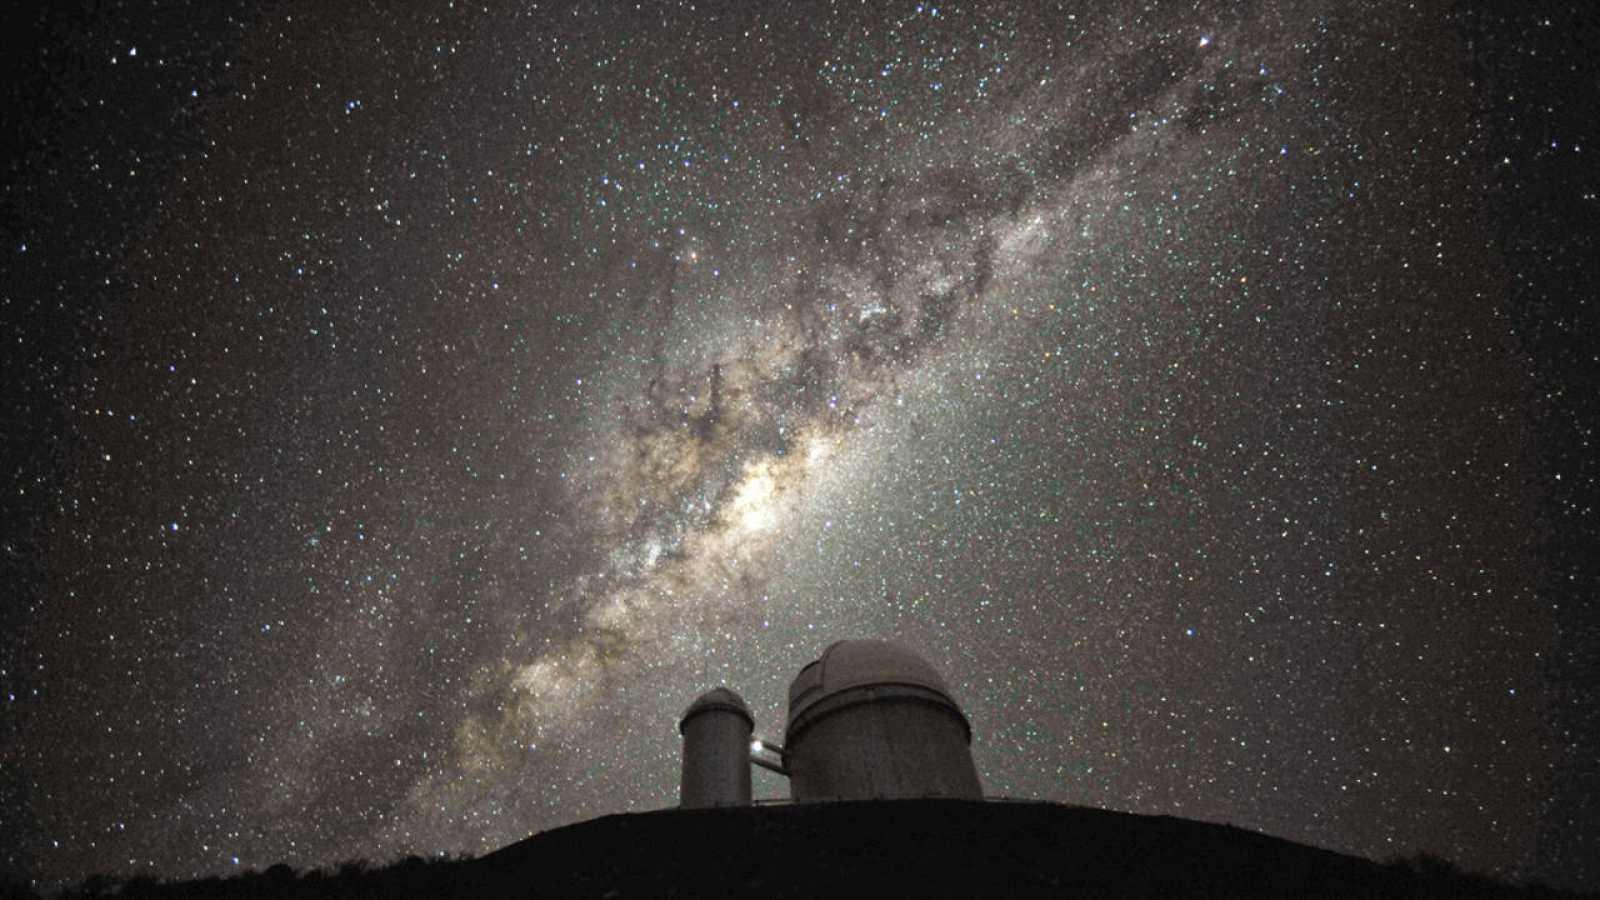 El corazón de la Vía Láctea alberga un agujero negro masivo de más de 4 millones de masas solares.